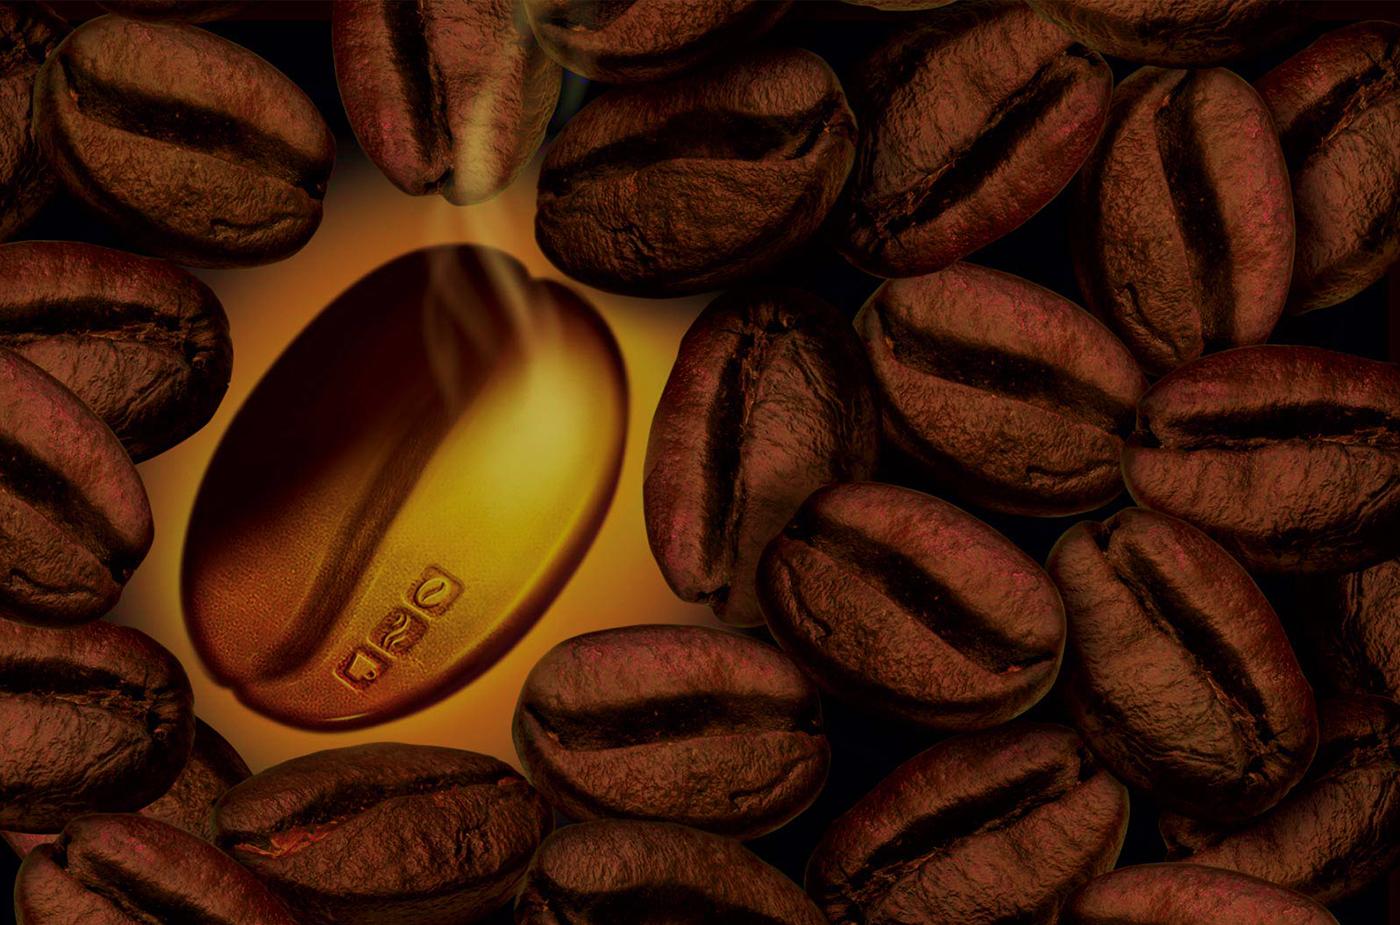 Nescafe large image